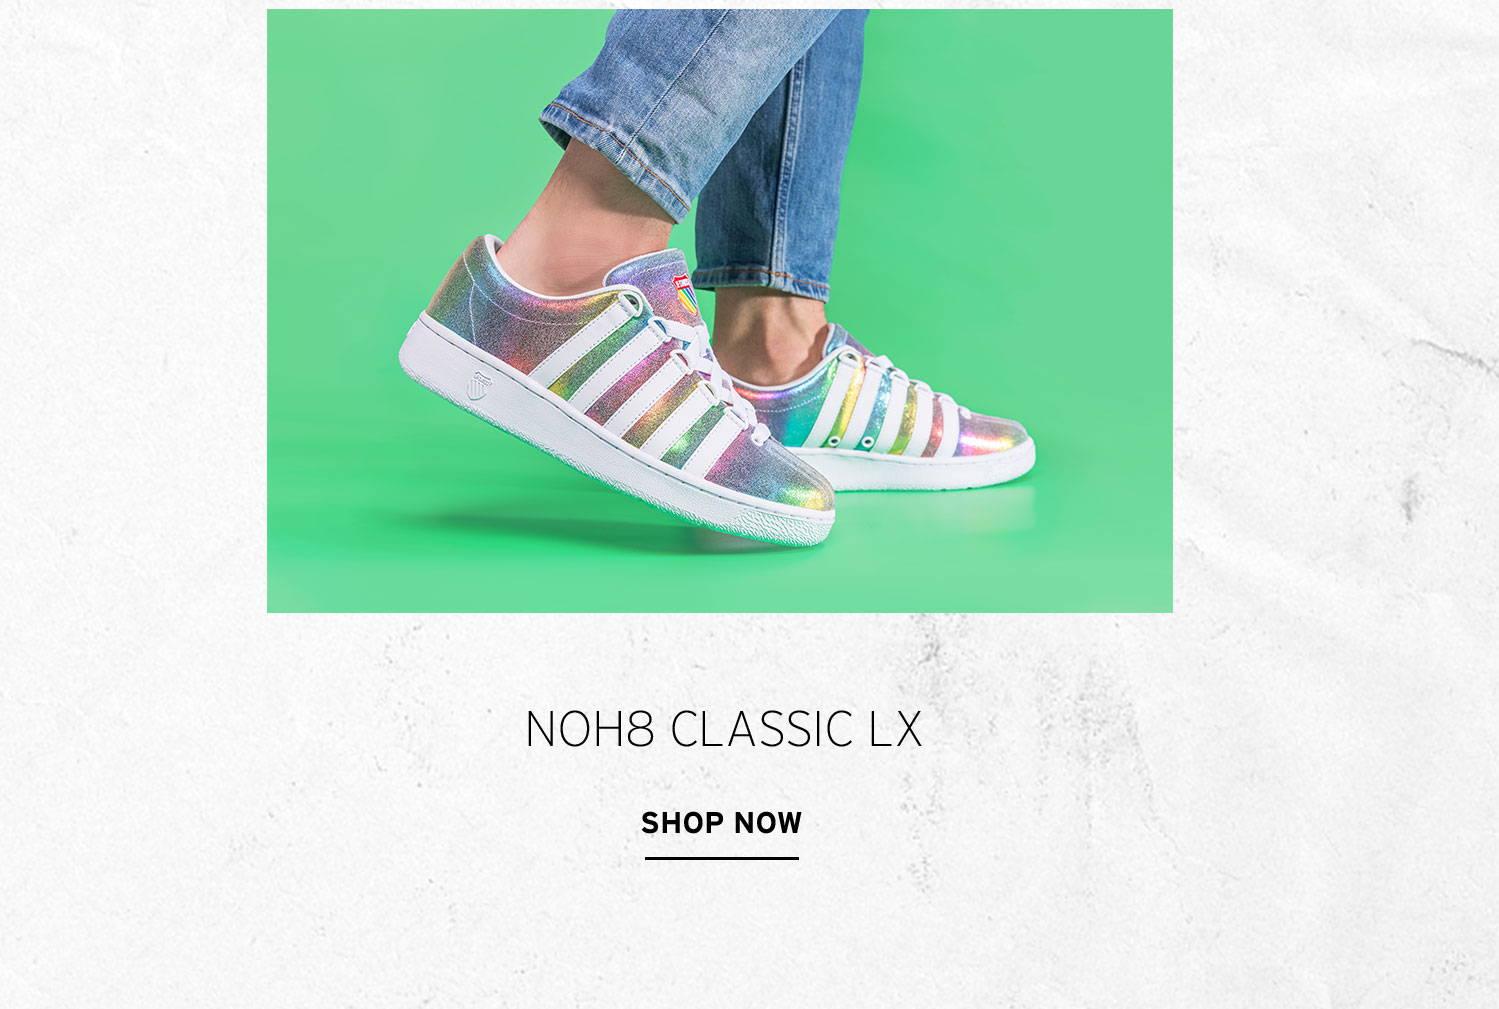 NOH8 X K-Swiss Classic LX Product Shots